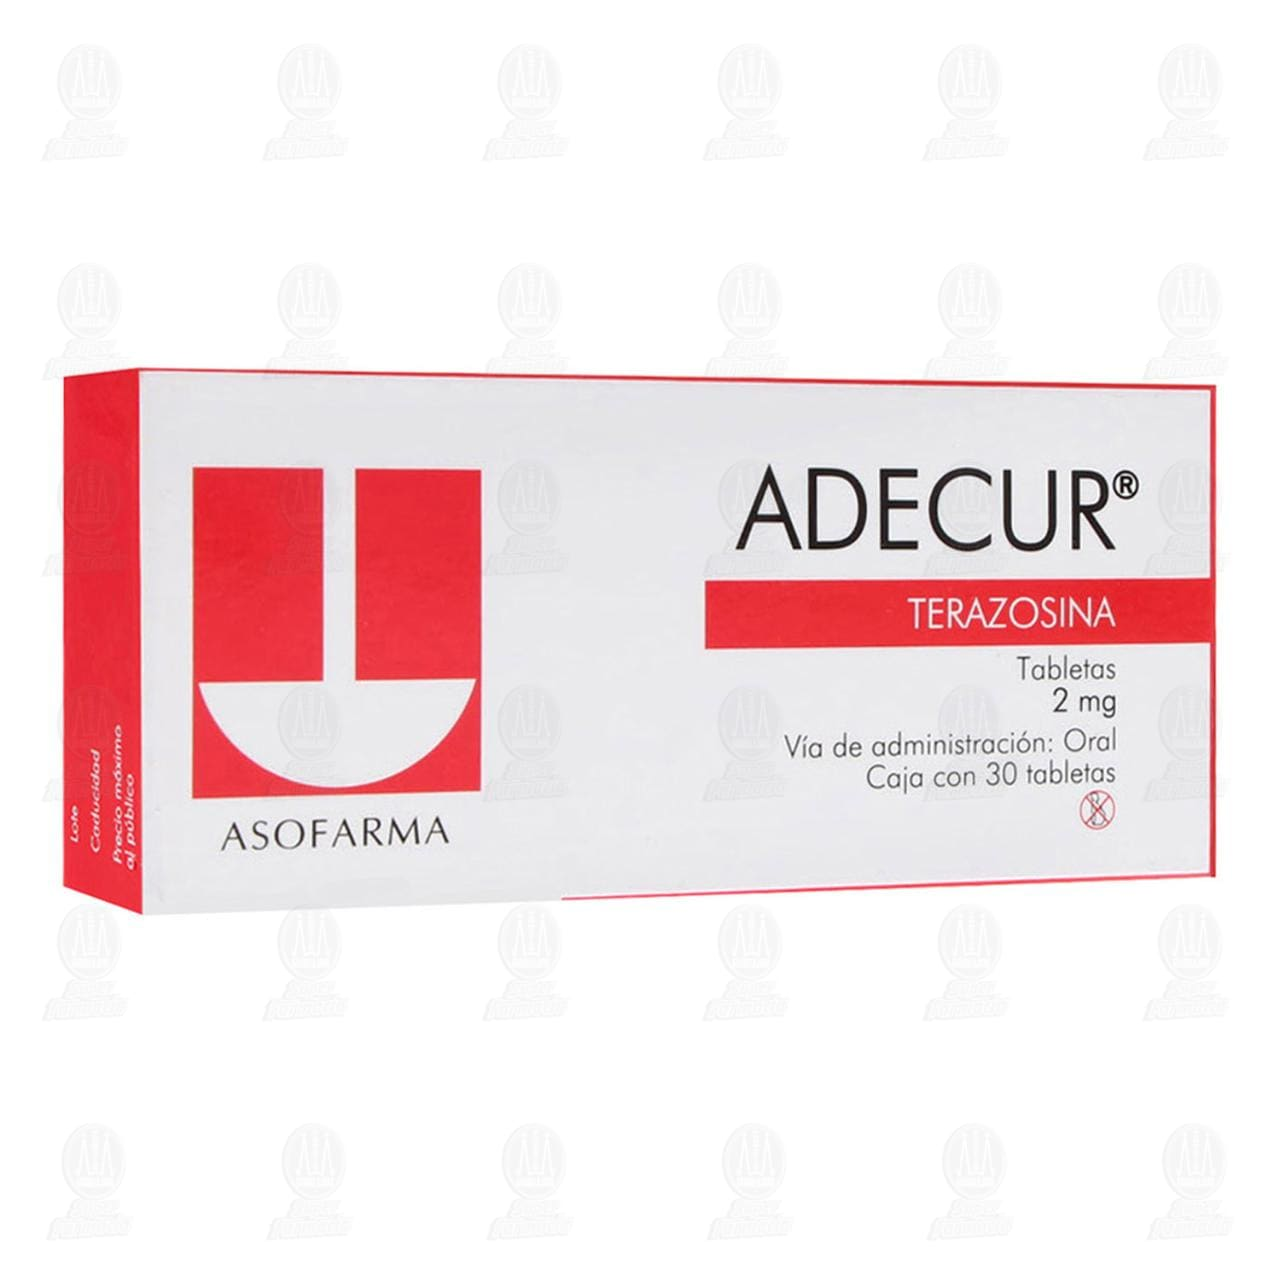 Comprar Adecur 2mg 30 Tabletas en Farmacias Guadalajara